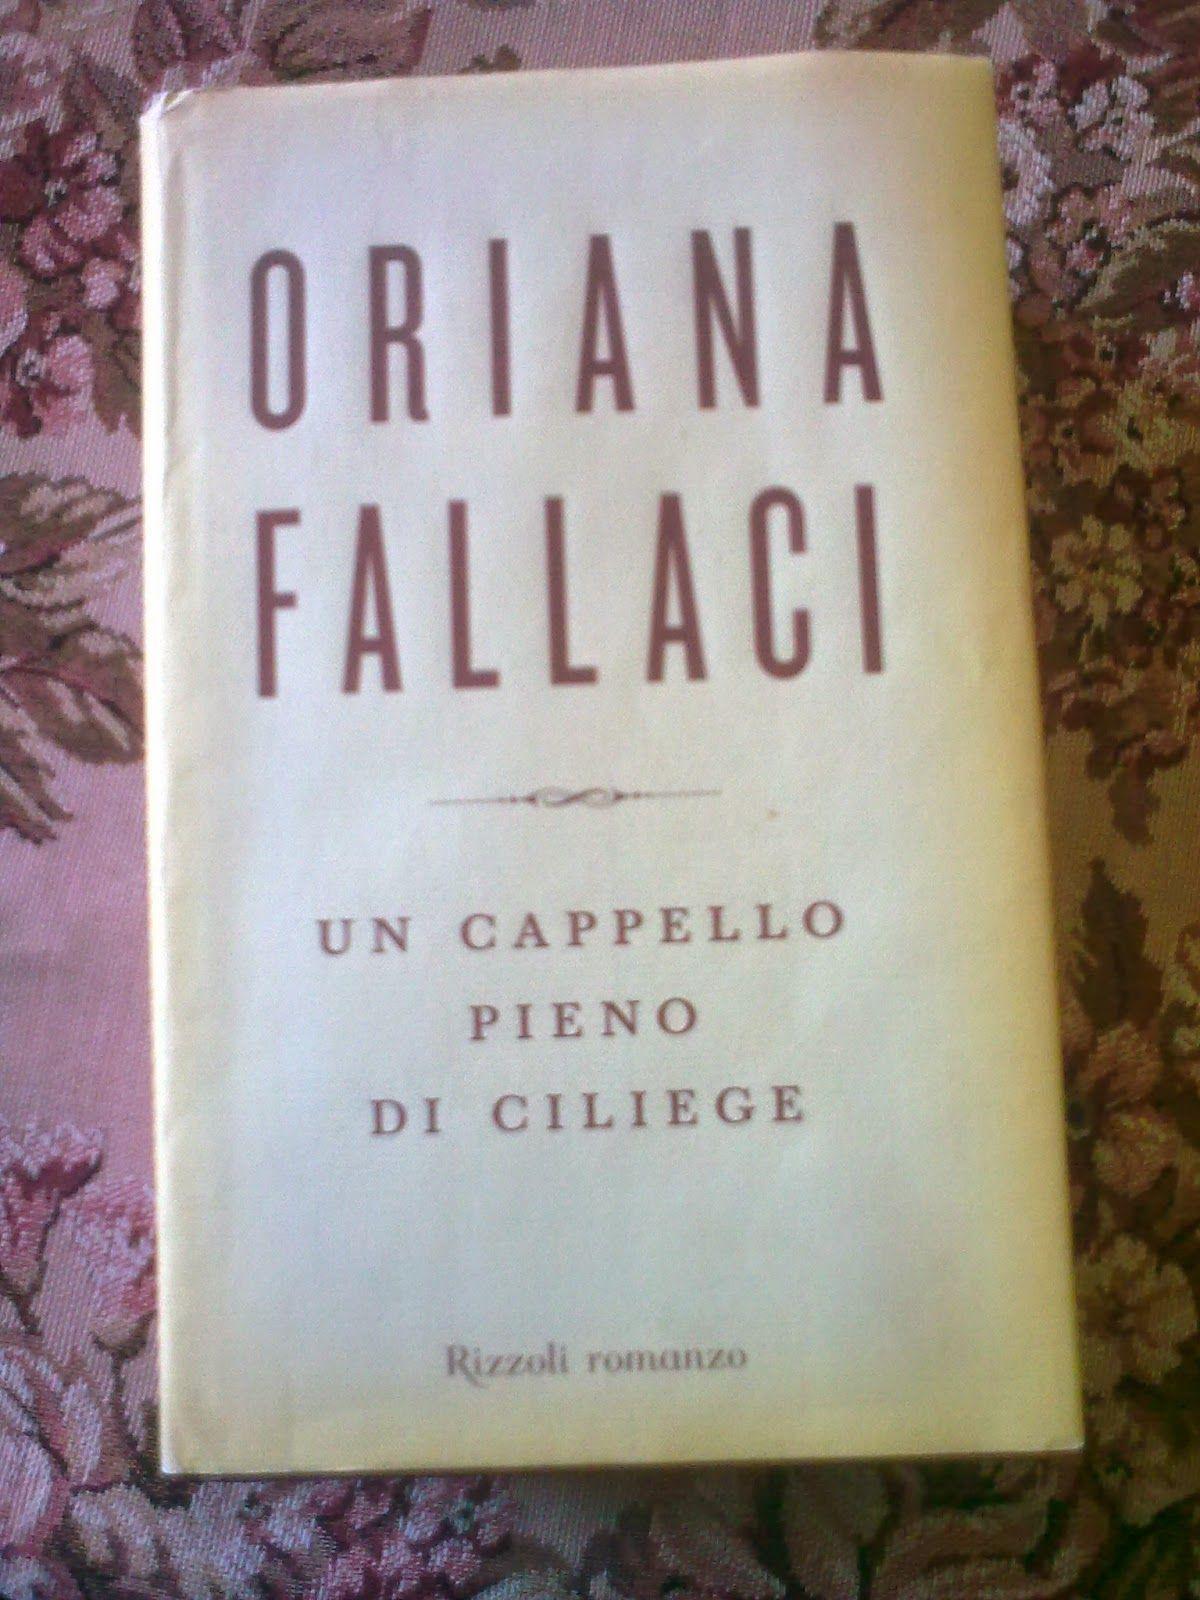 Un cappello pieno di ciliege di Oriana Fallaci   Romanzo storico, Libri di  storia, Libri